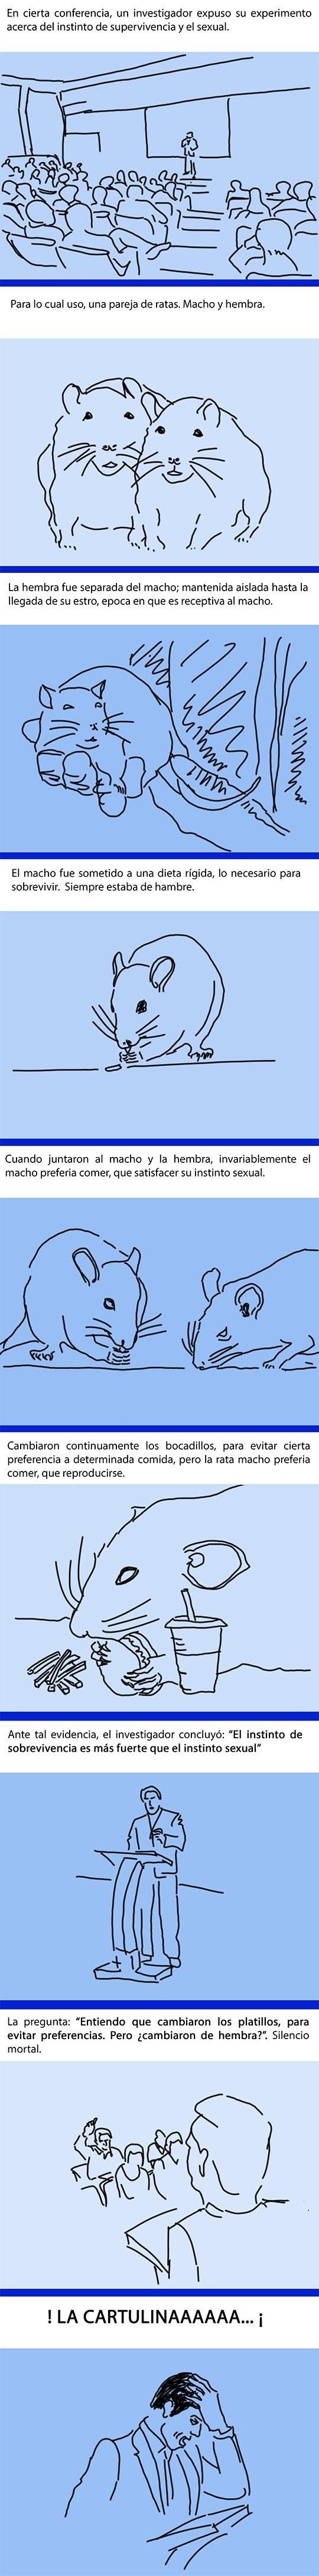 experimento cientifico de la rata macho y la rata hembra